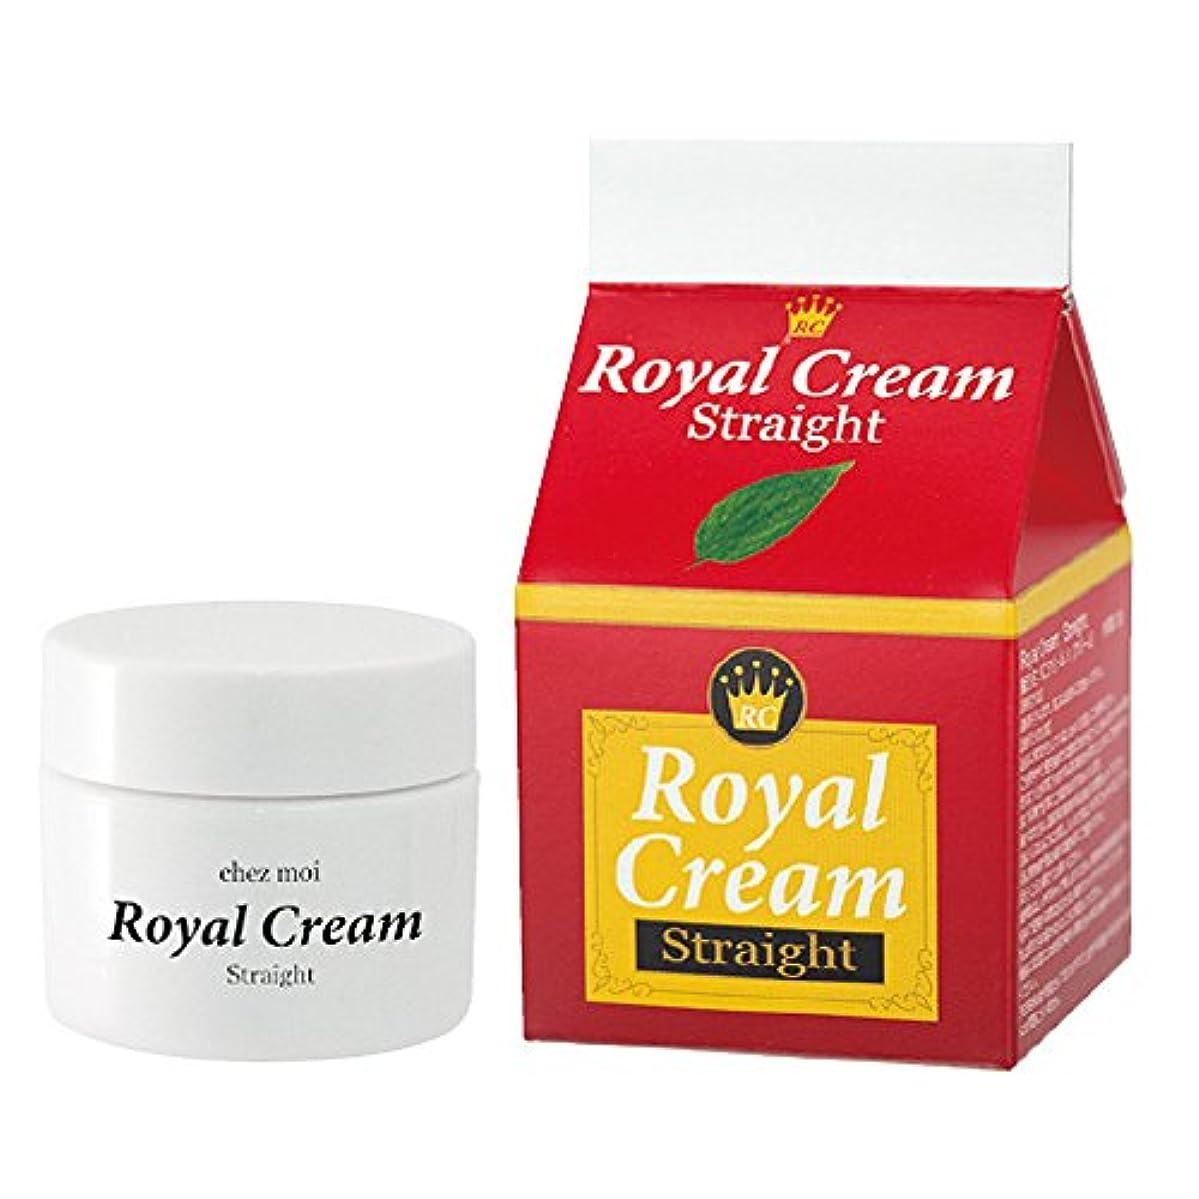 長老戦い忠実なシェモア Royal Cream Straight(ロイヤルクリームストレート) 30g